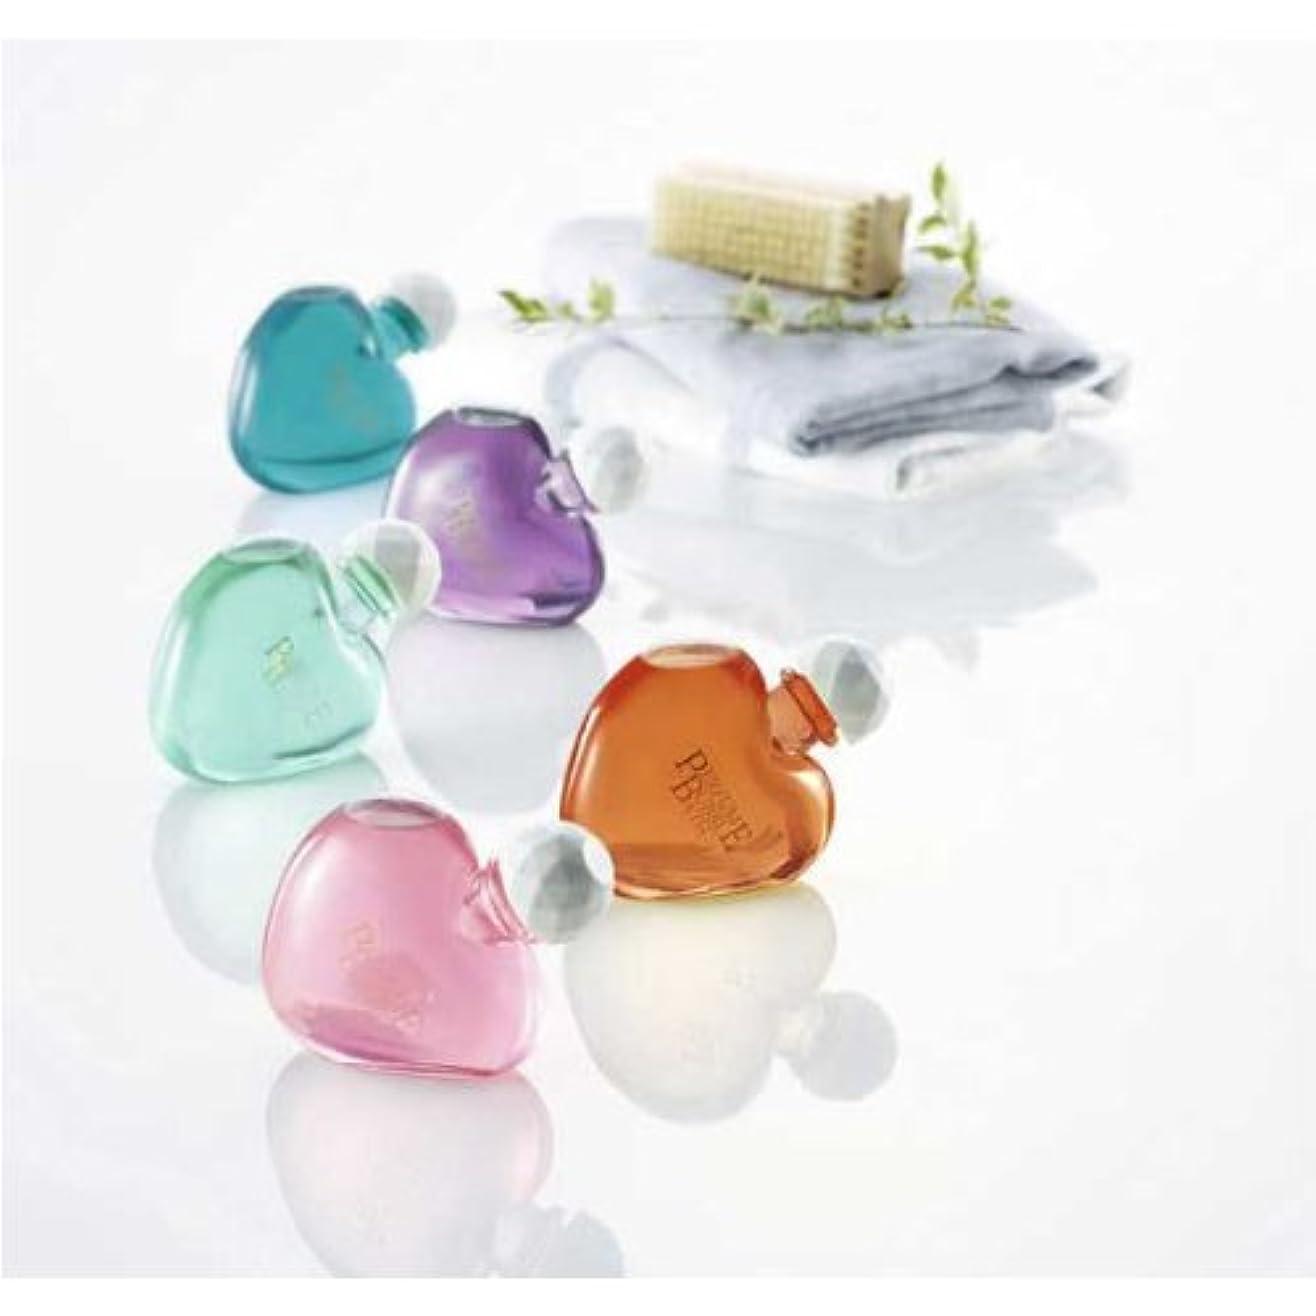 イーウェル似ている購入フルーツの香り パフューム バブルバス 5色セット